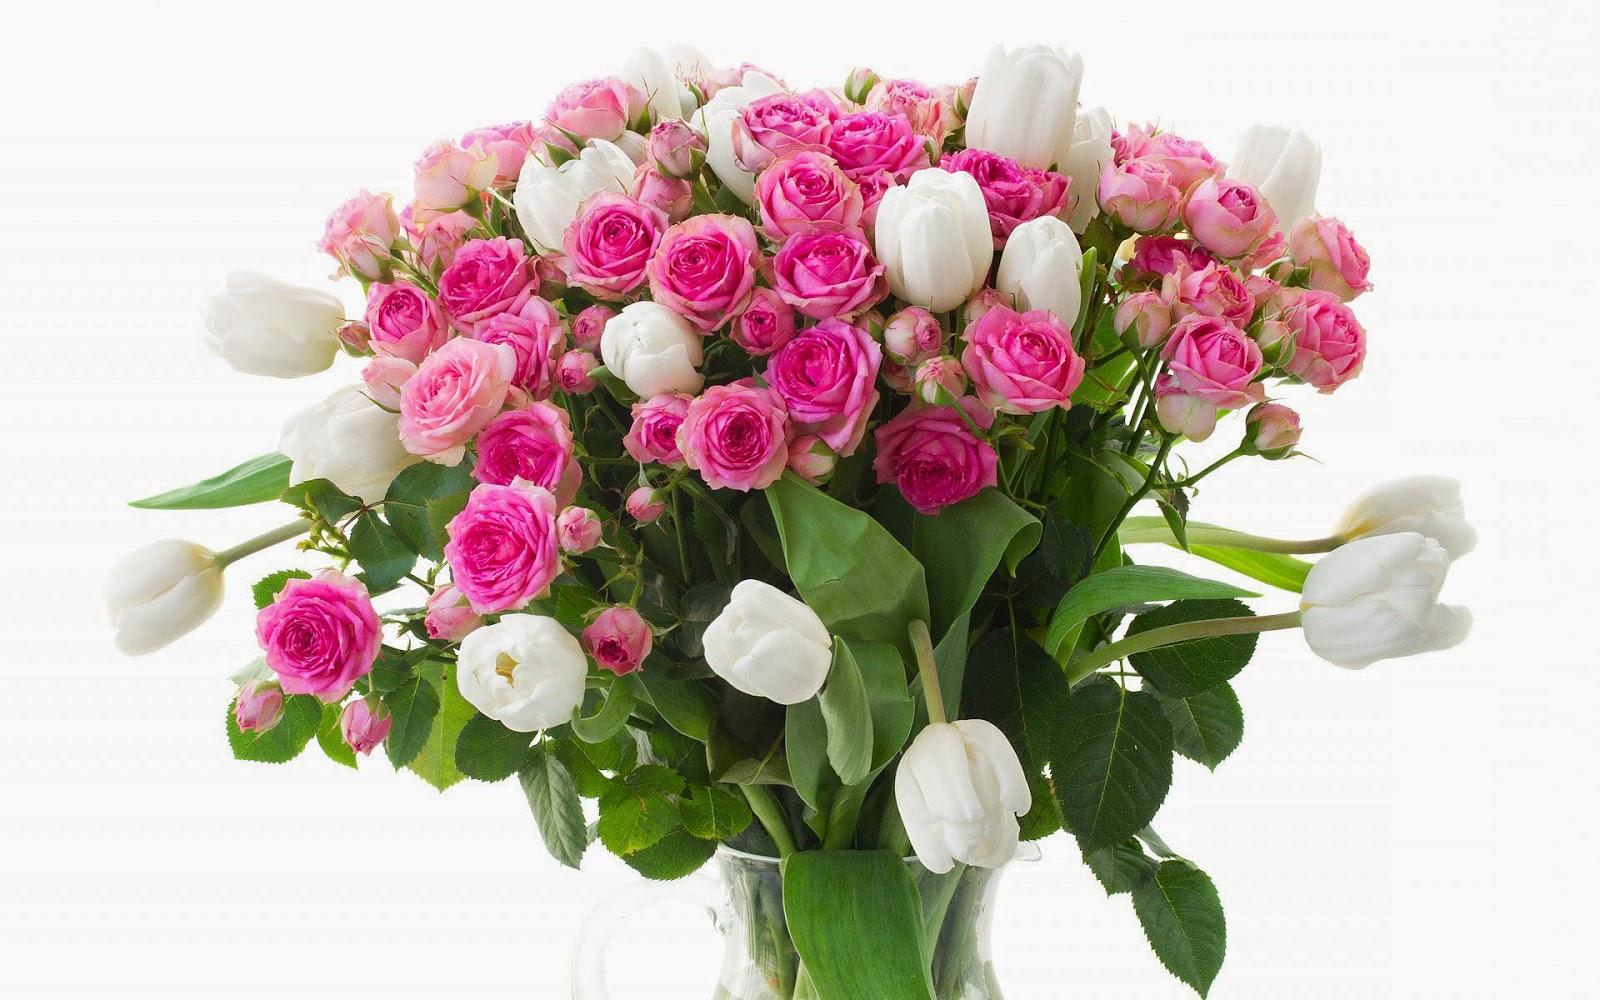 Witte tulpen en roze rozen in een glazen vaas